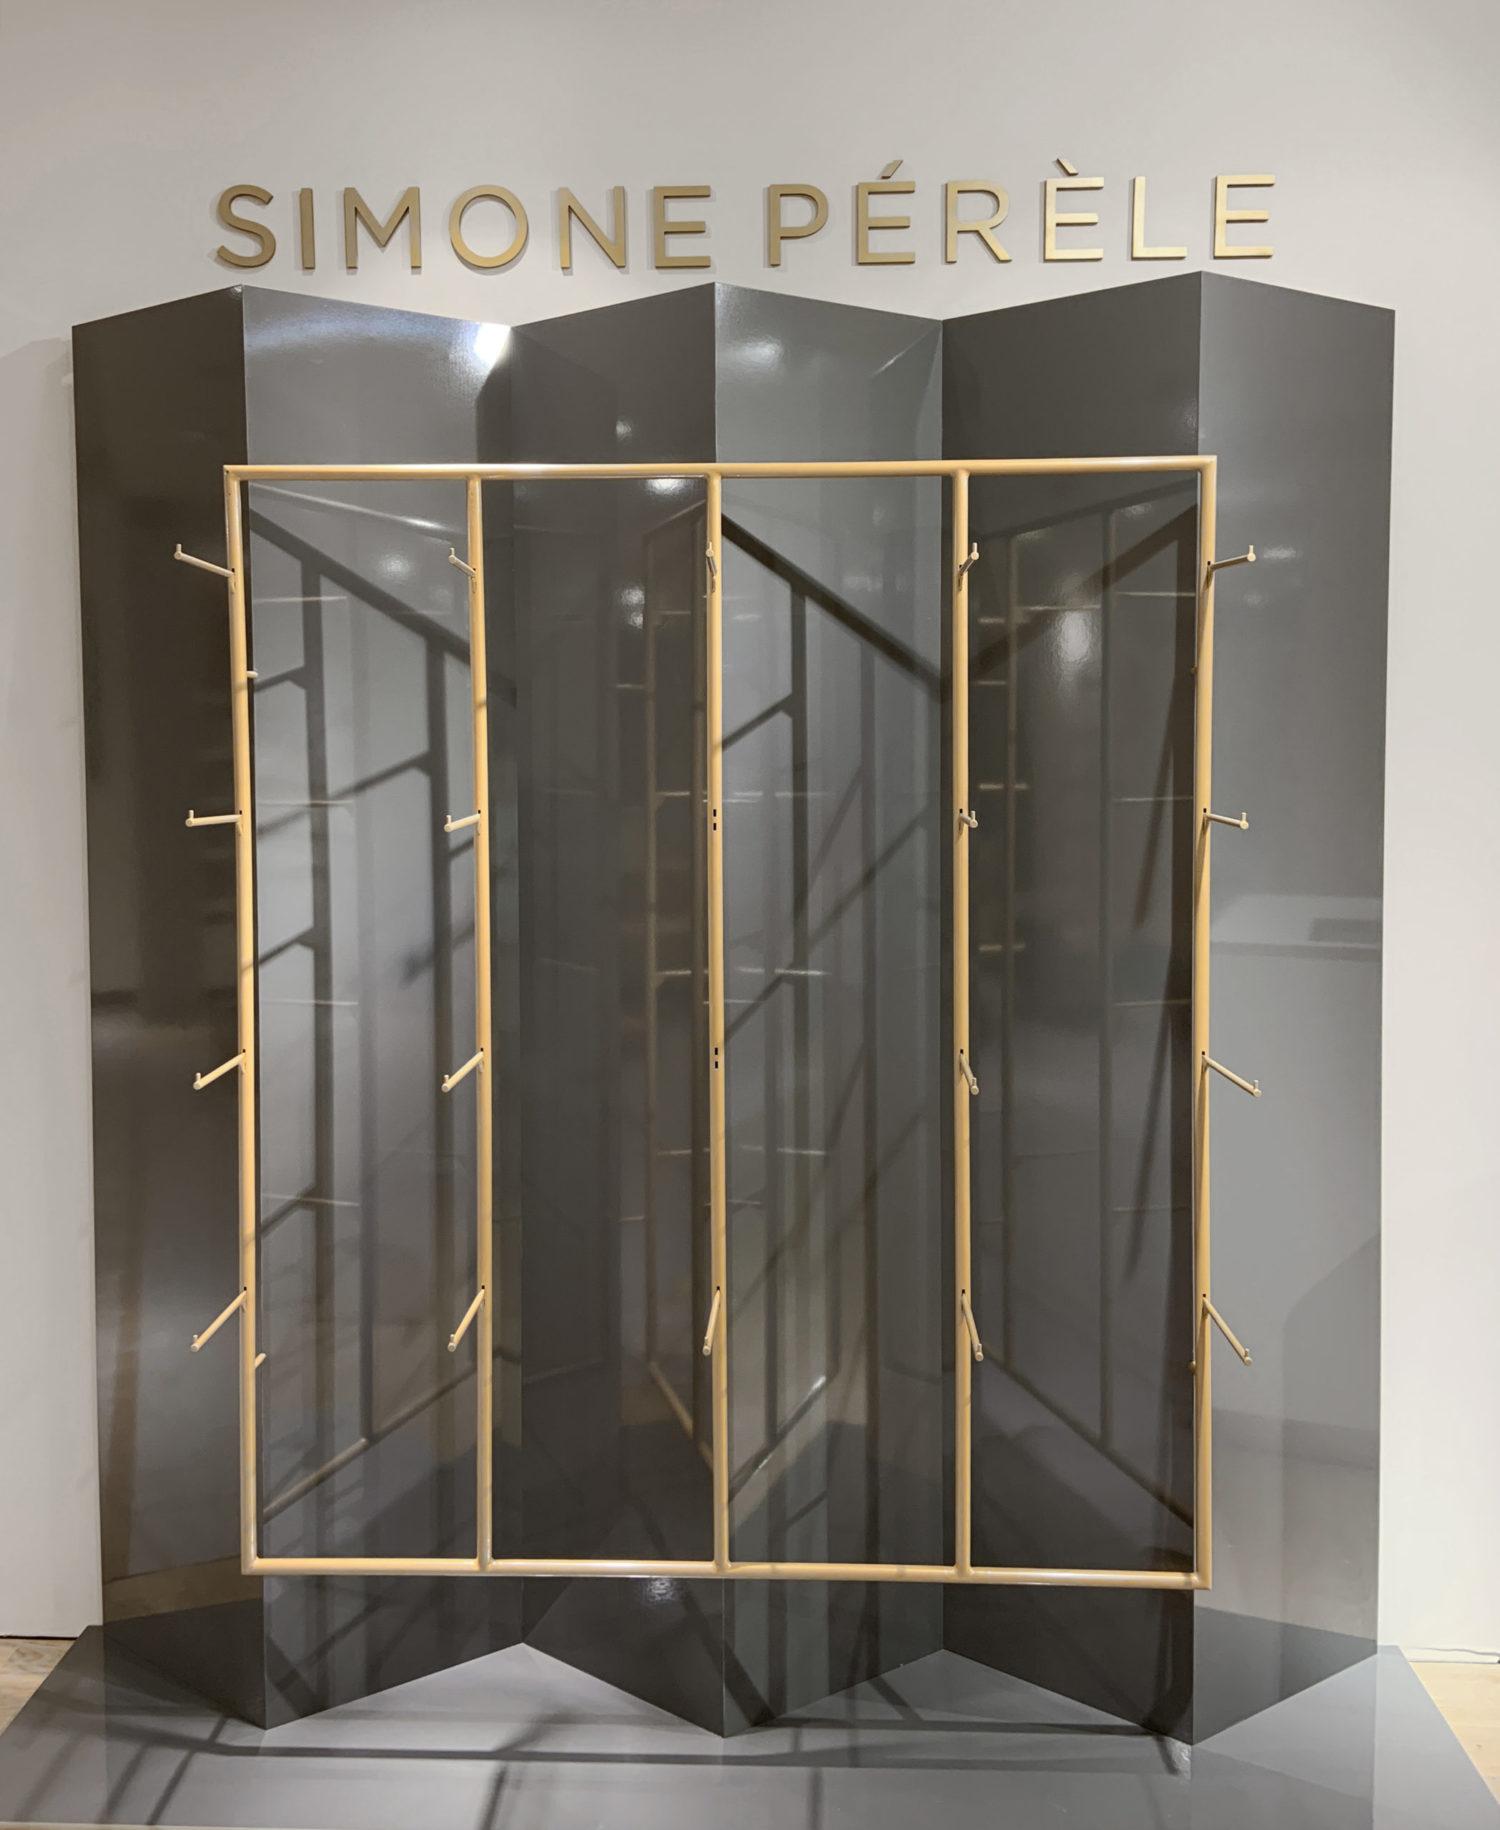 Simone Pérèle_Konture_KaDeWe_Berlin